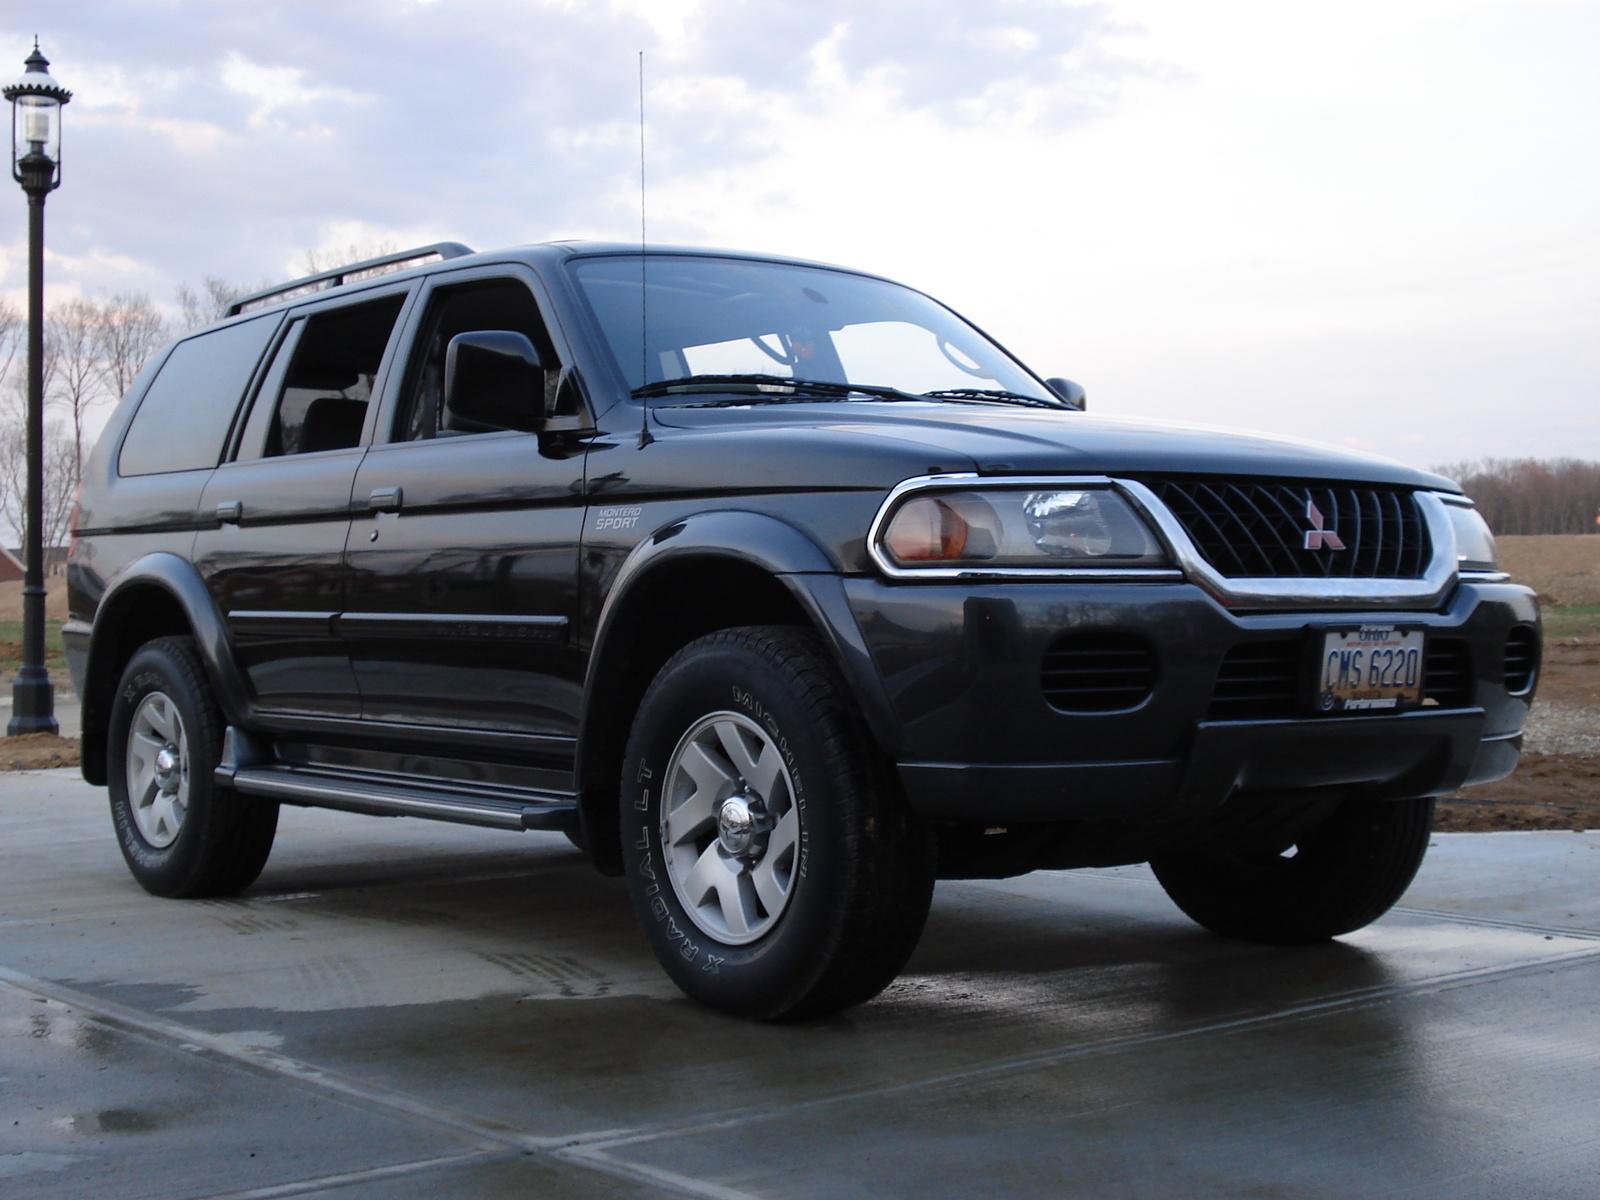 2001 Mitsubishi Montero Sport - Pictures - 2001 Mitsubishi Montero ...